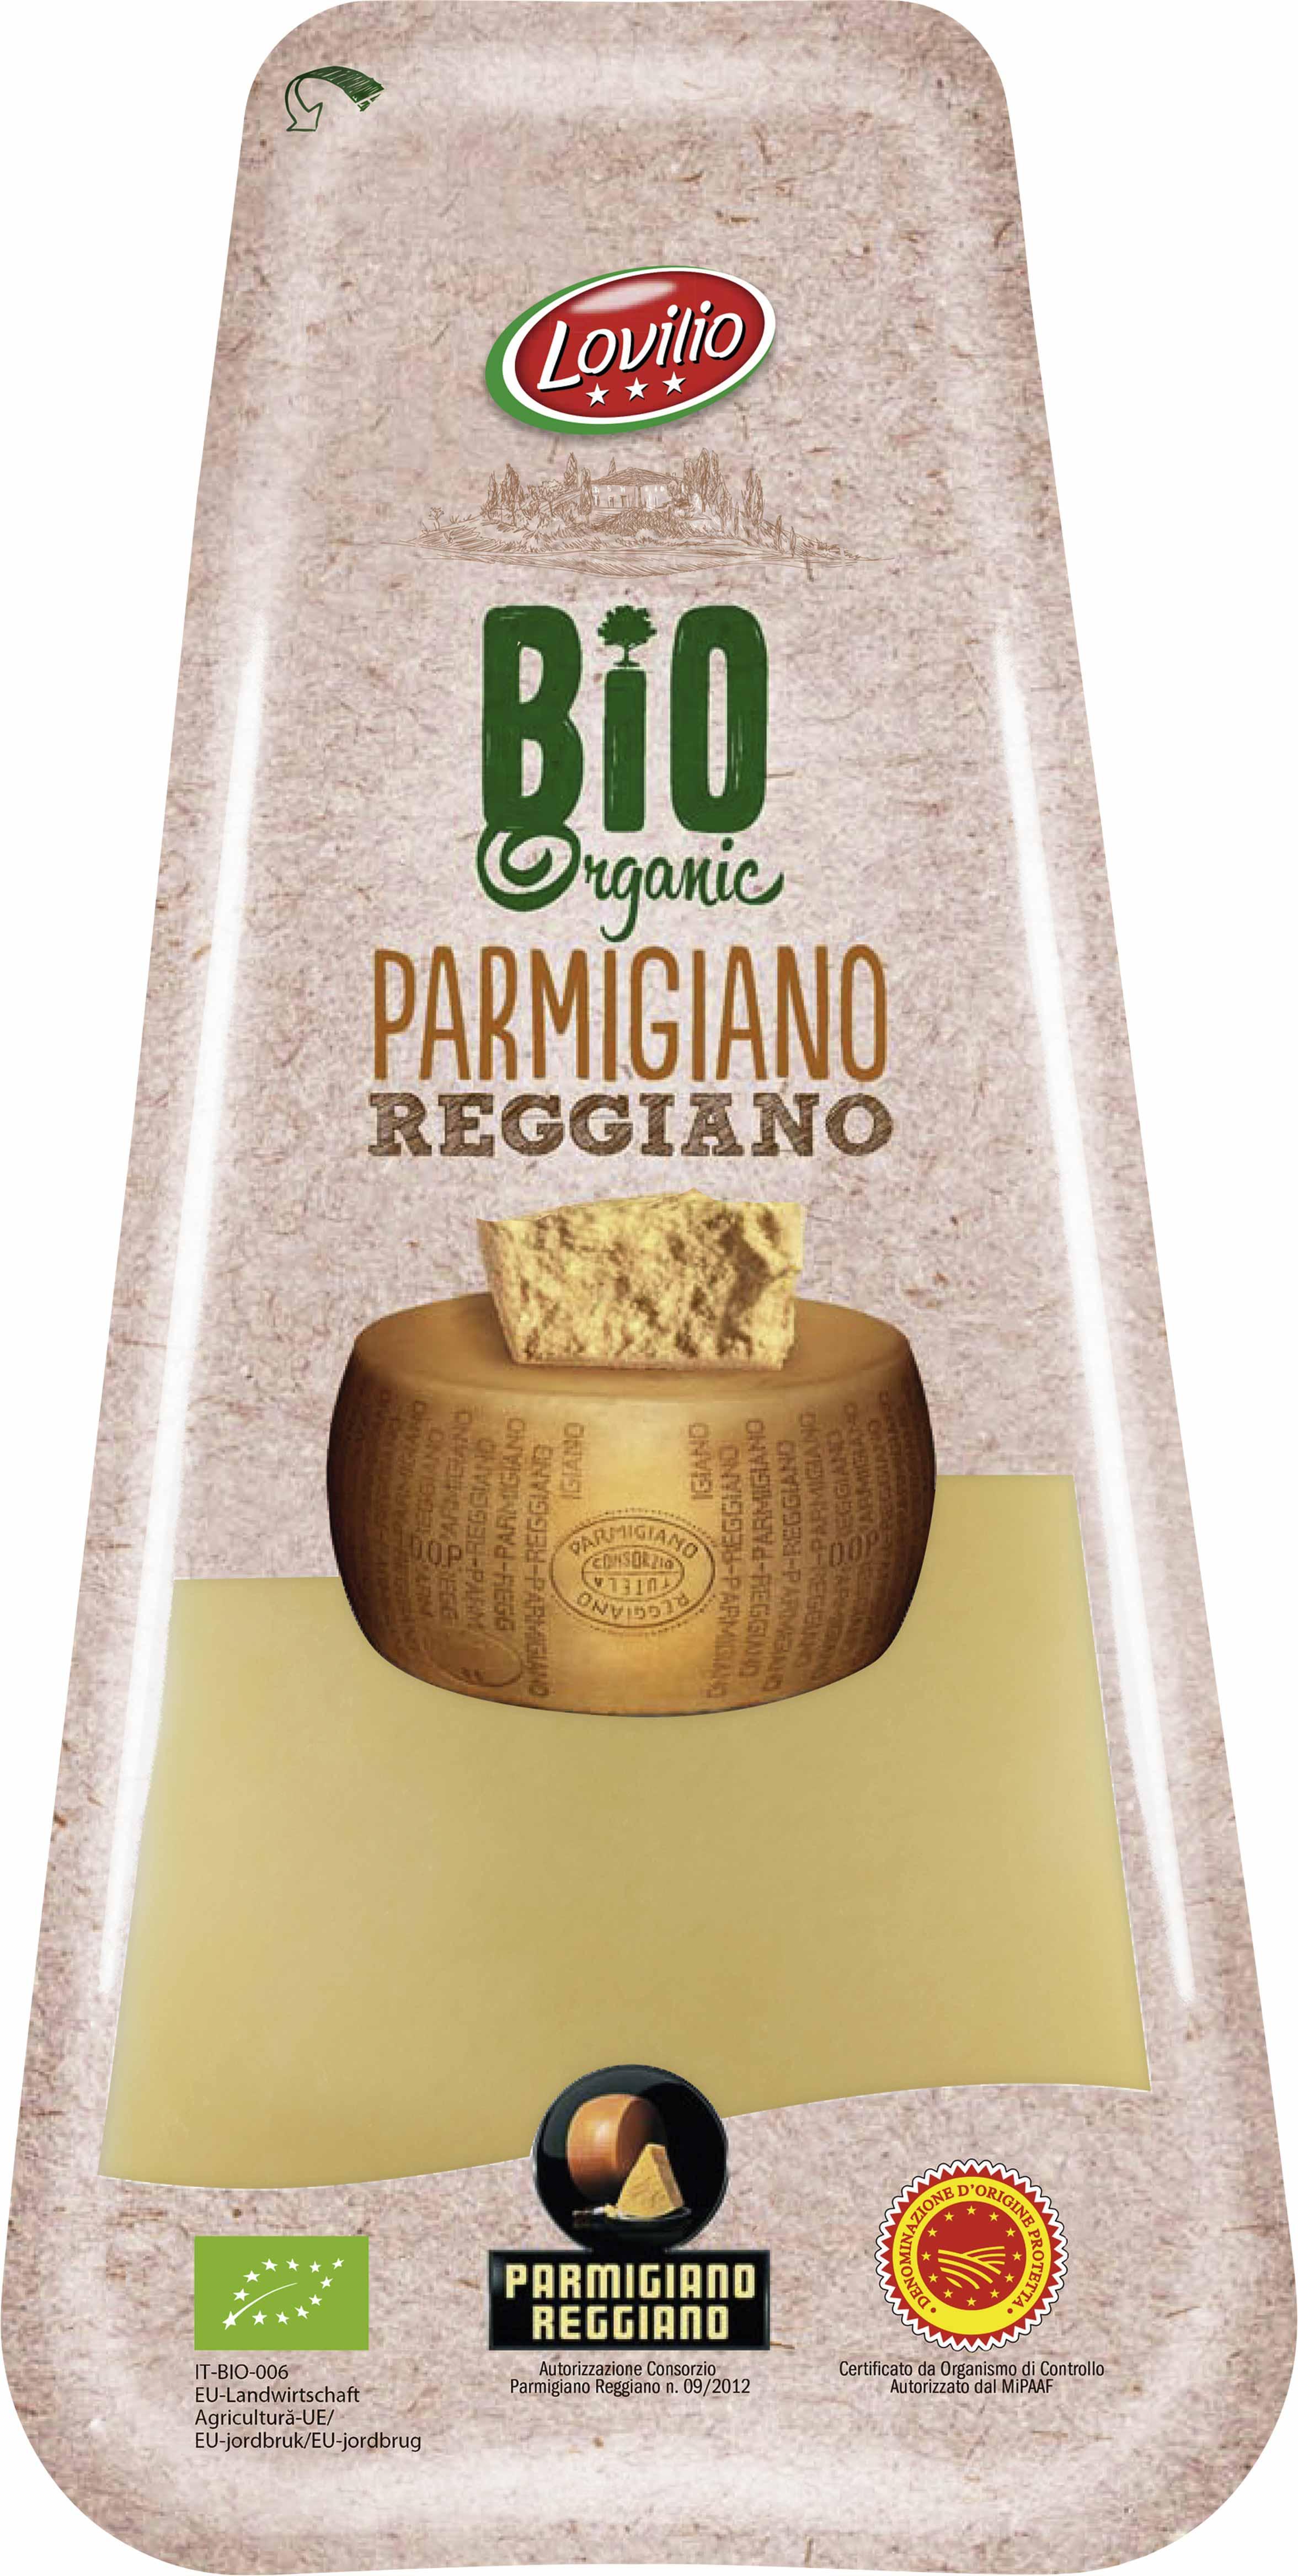 Parmigiano_Reggiano_bio